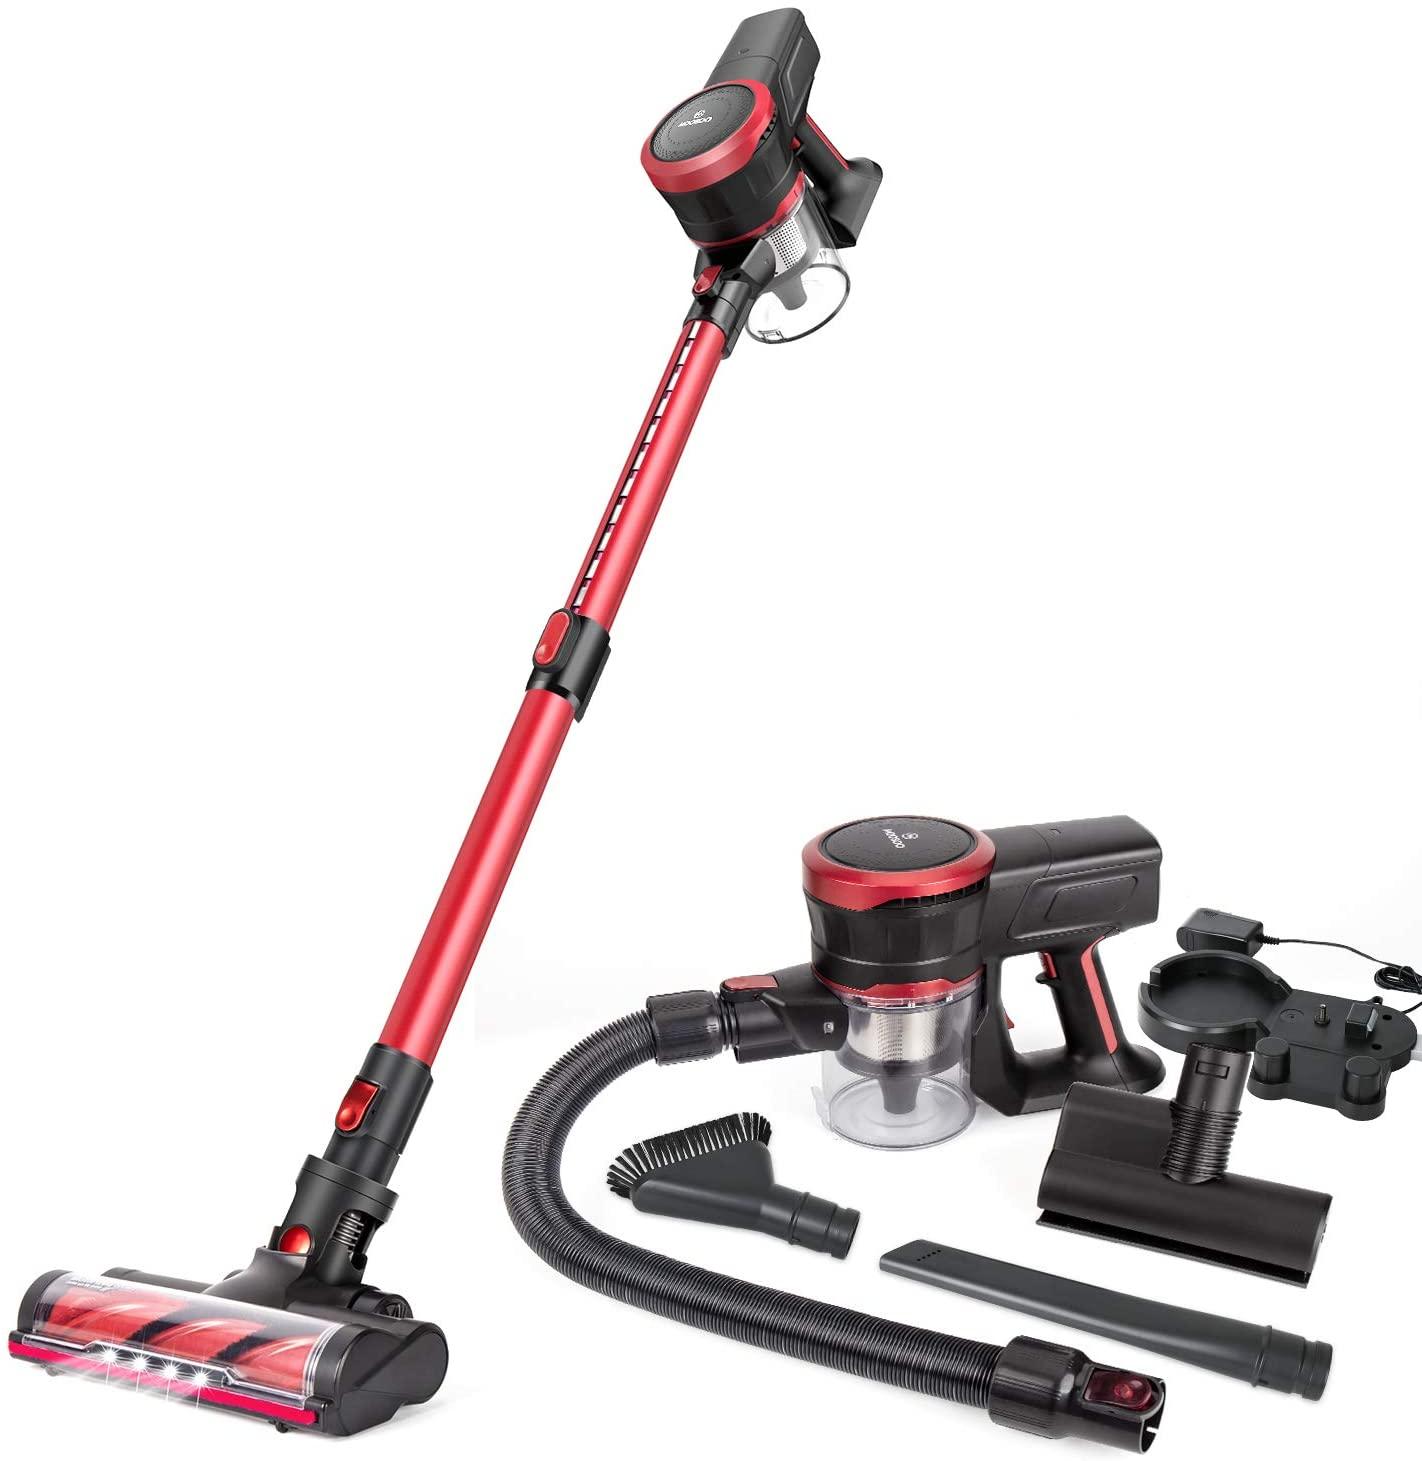 MOOSOO Cordless Vacuum Cleaner 2-in-1 Stick Vacuum